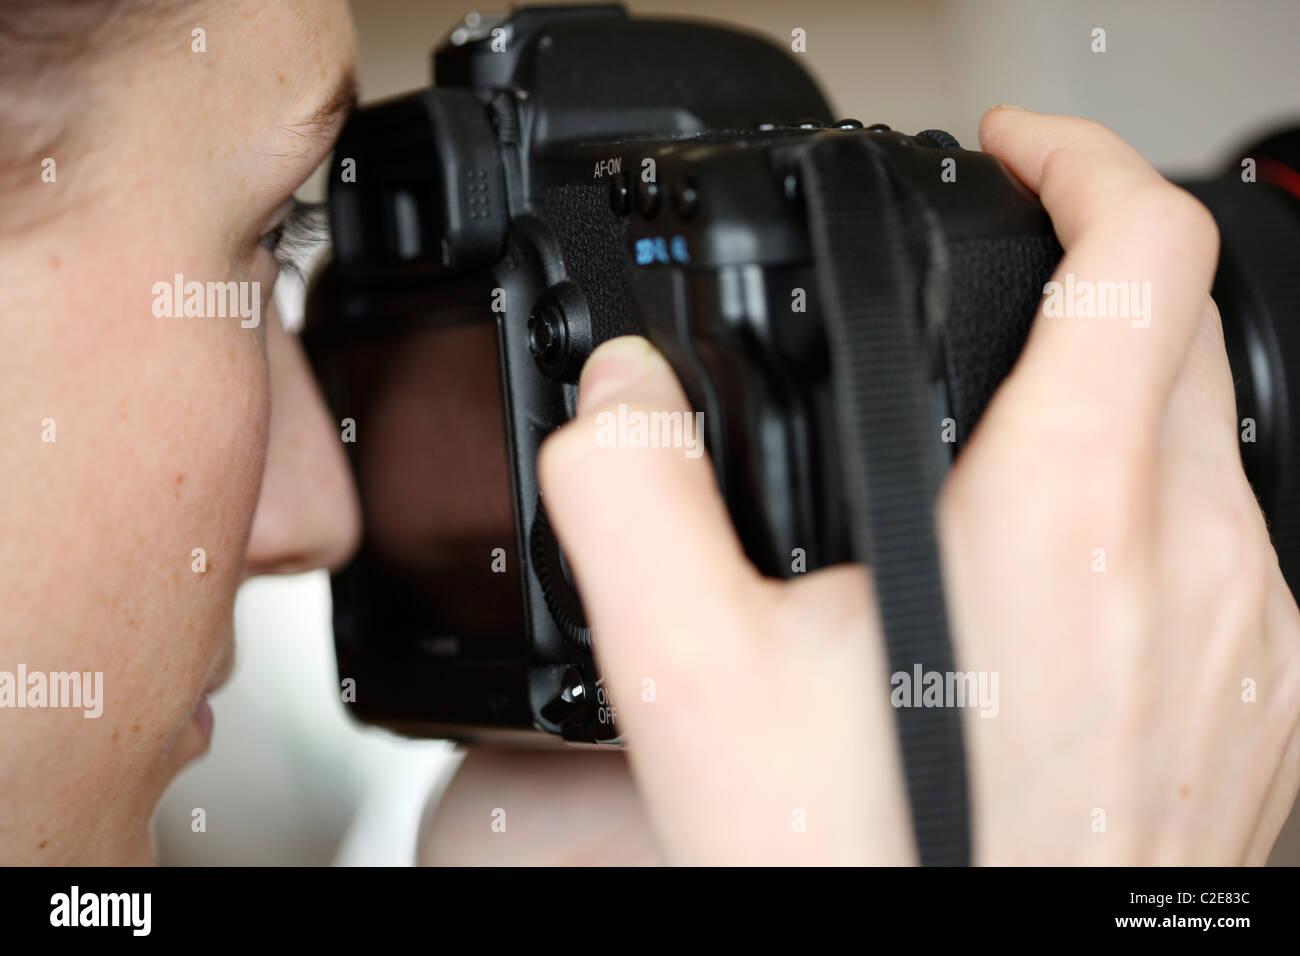 Persona, femmina, guarda attraverso il mirino di una fotocamera reflex digitale. Foto Stock